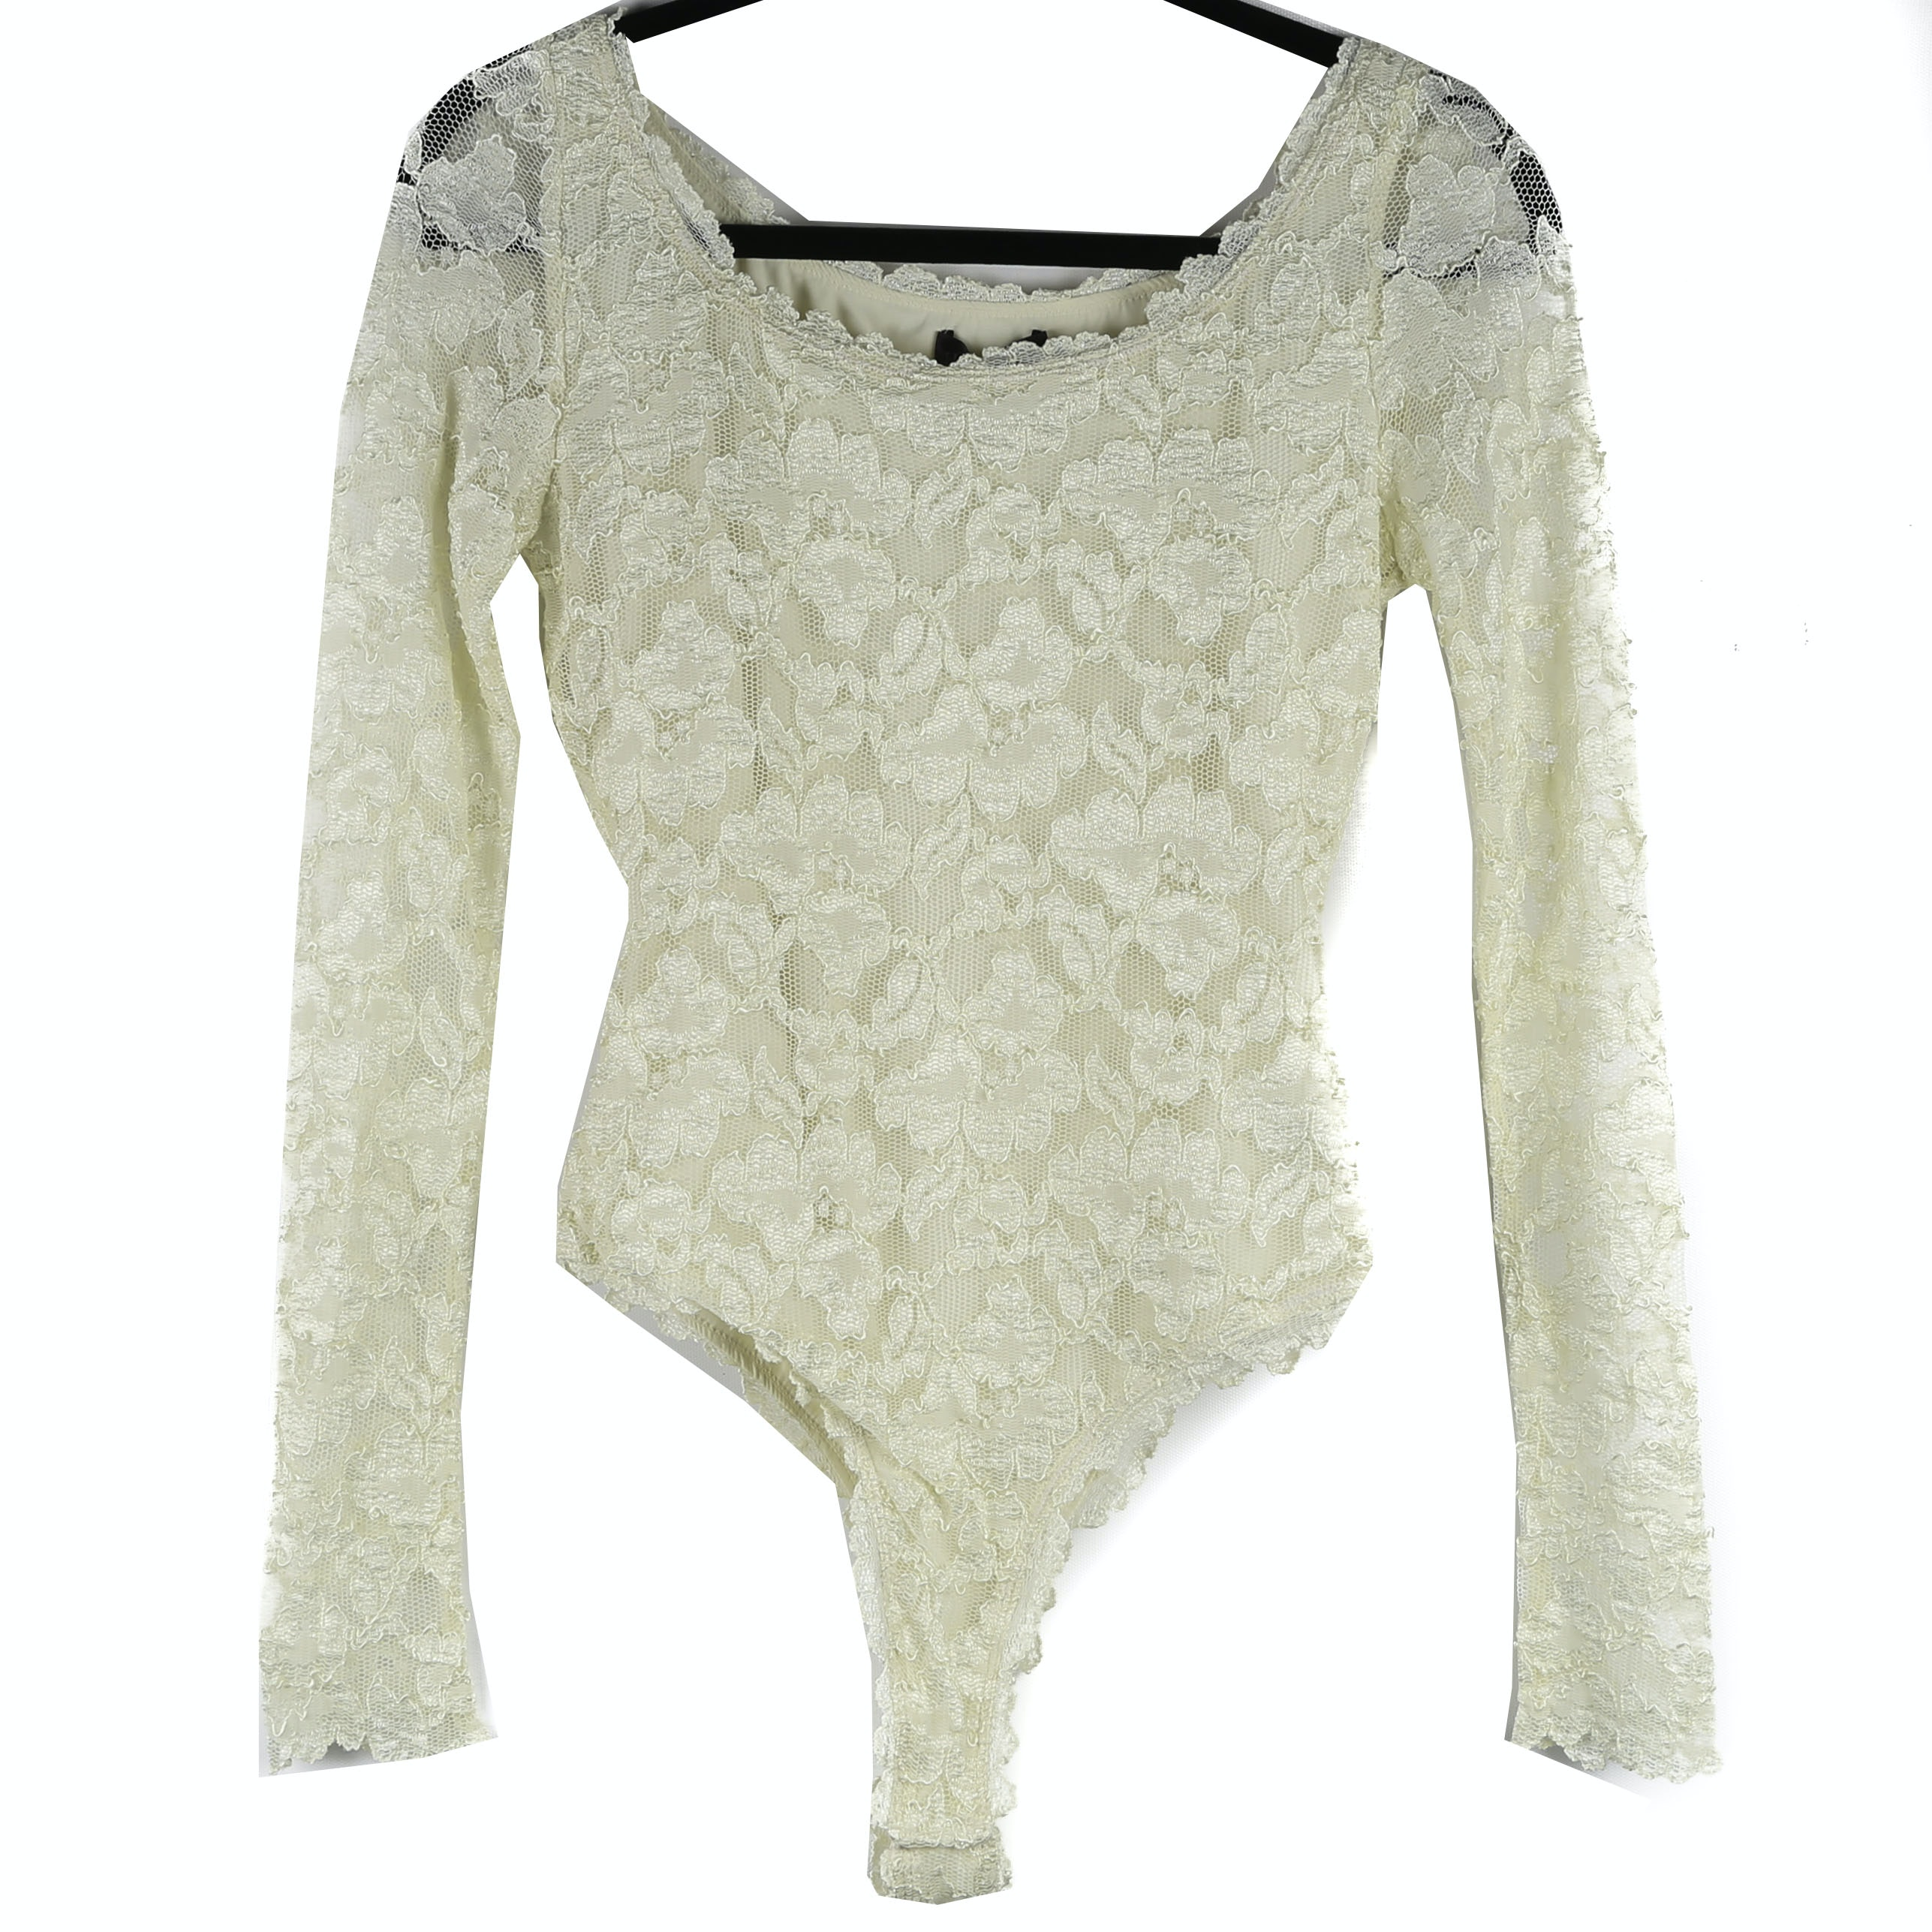 Hale Bob Long Sleeved Lace Bodysuit Blouse